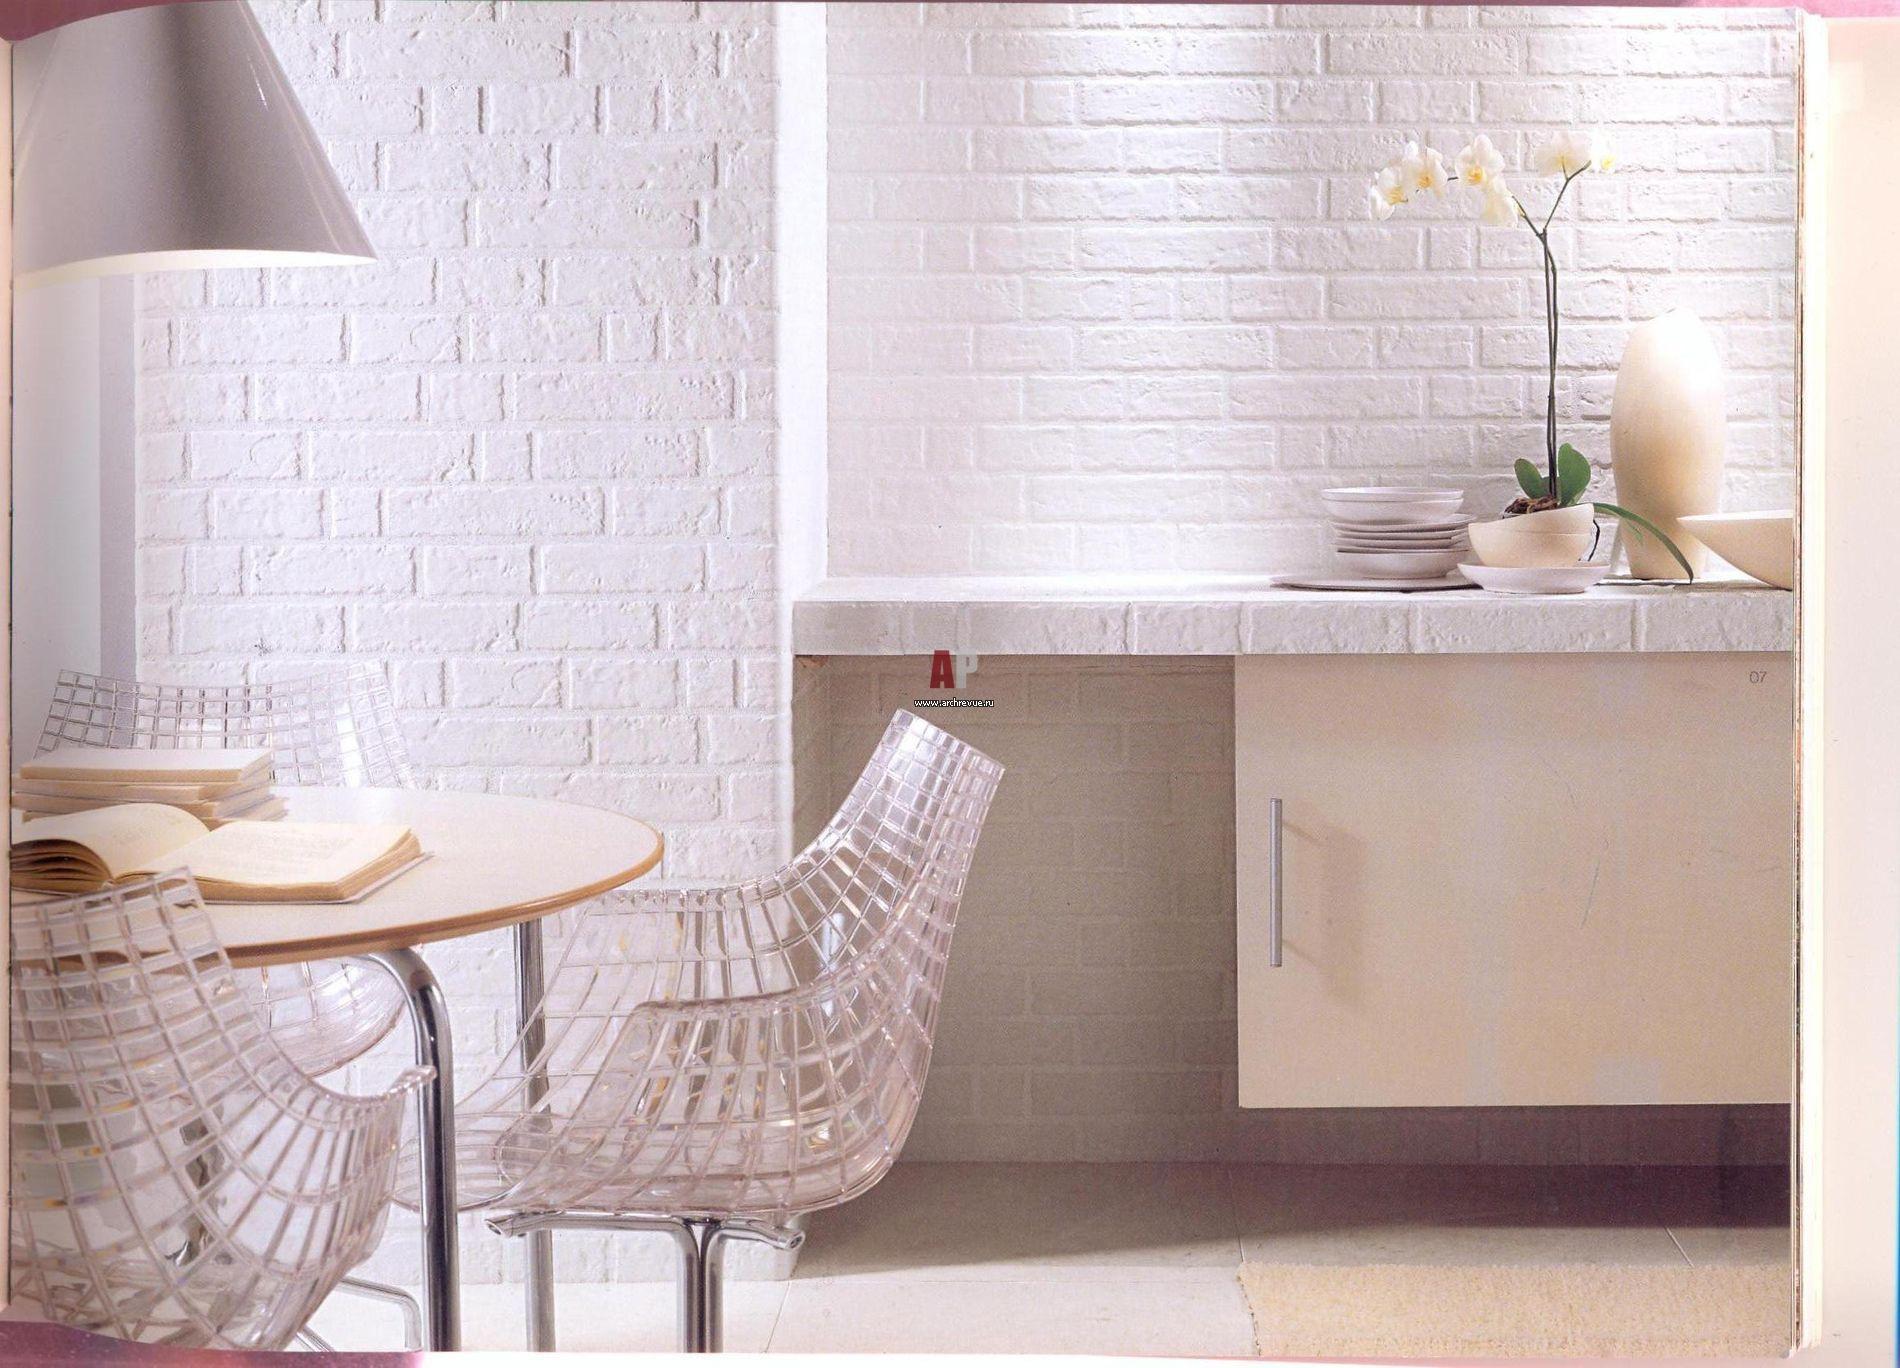 Декоративный кирпич или плитка - оптимальный вариант для внутренней отделки жилого помещения.